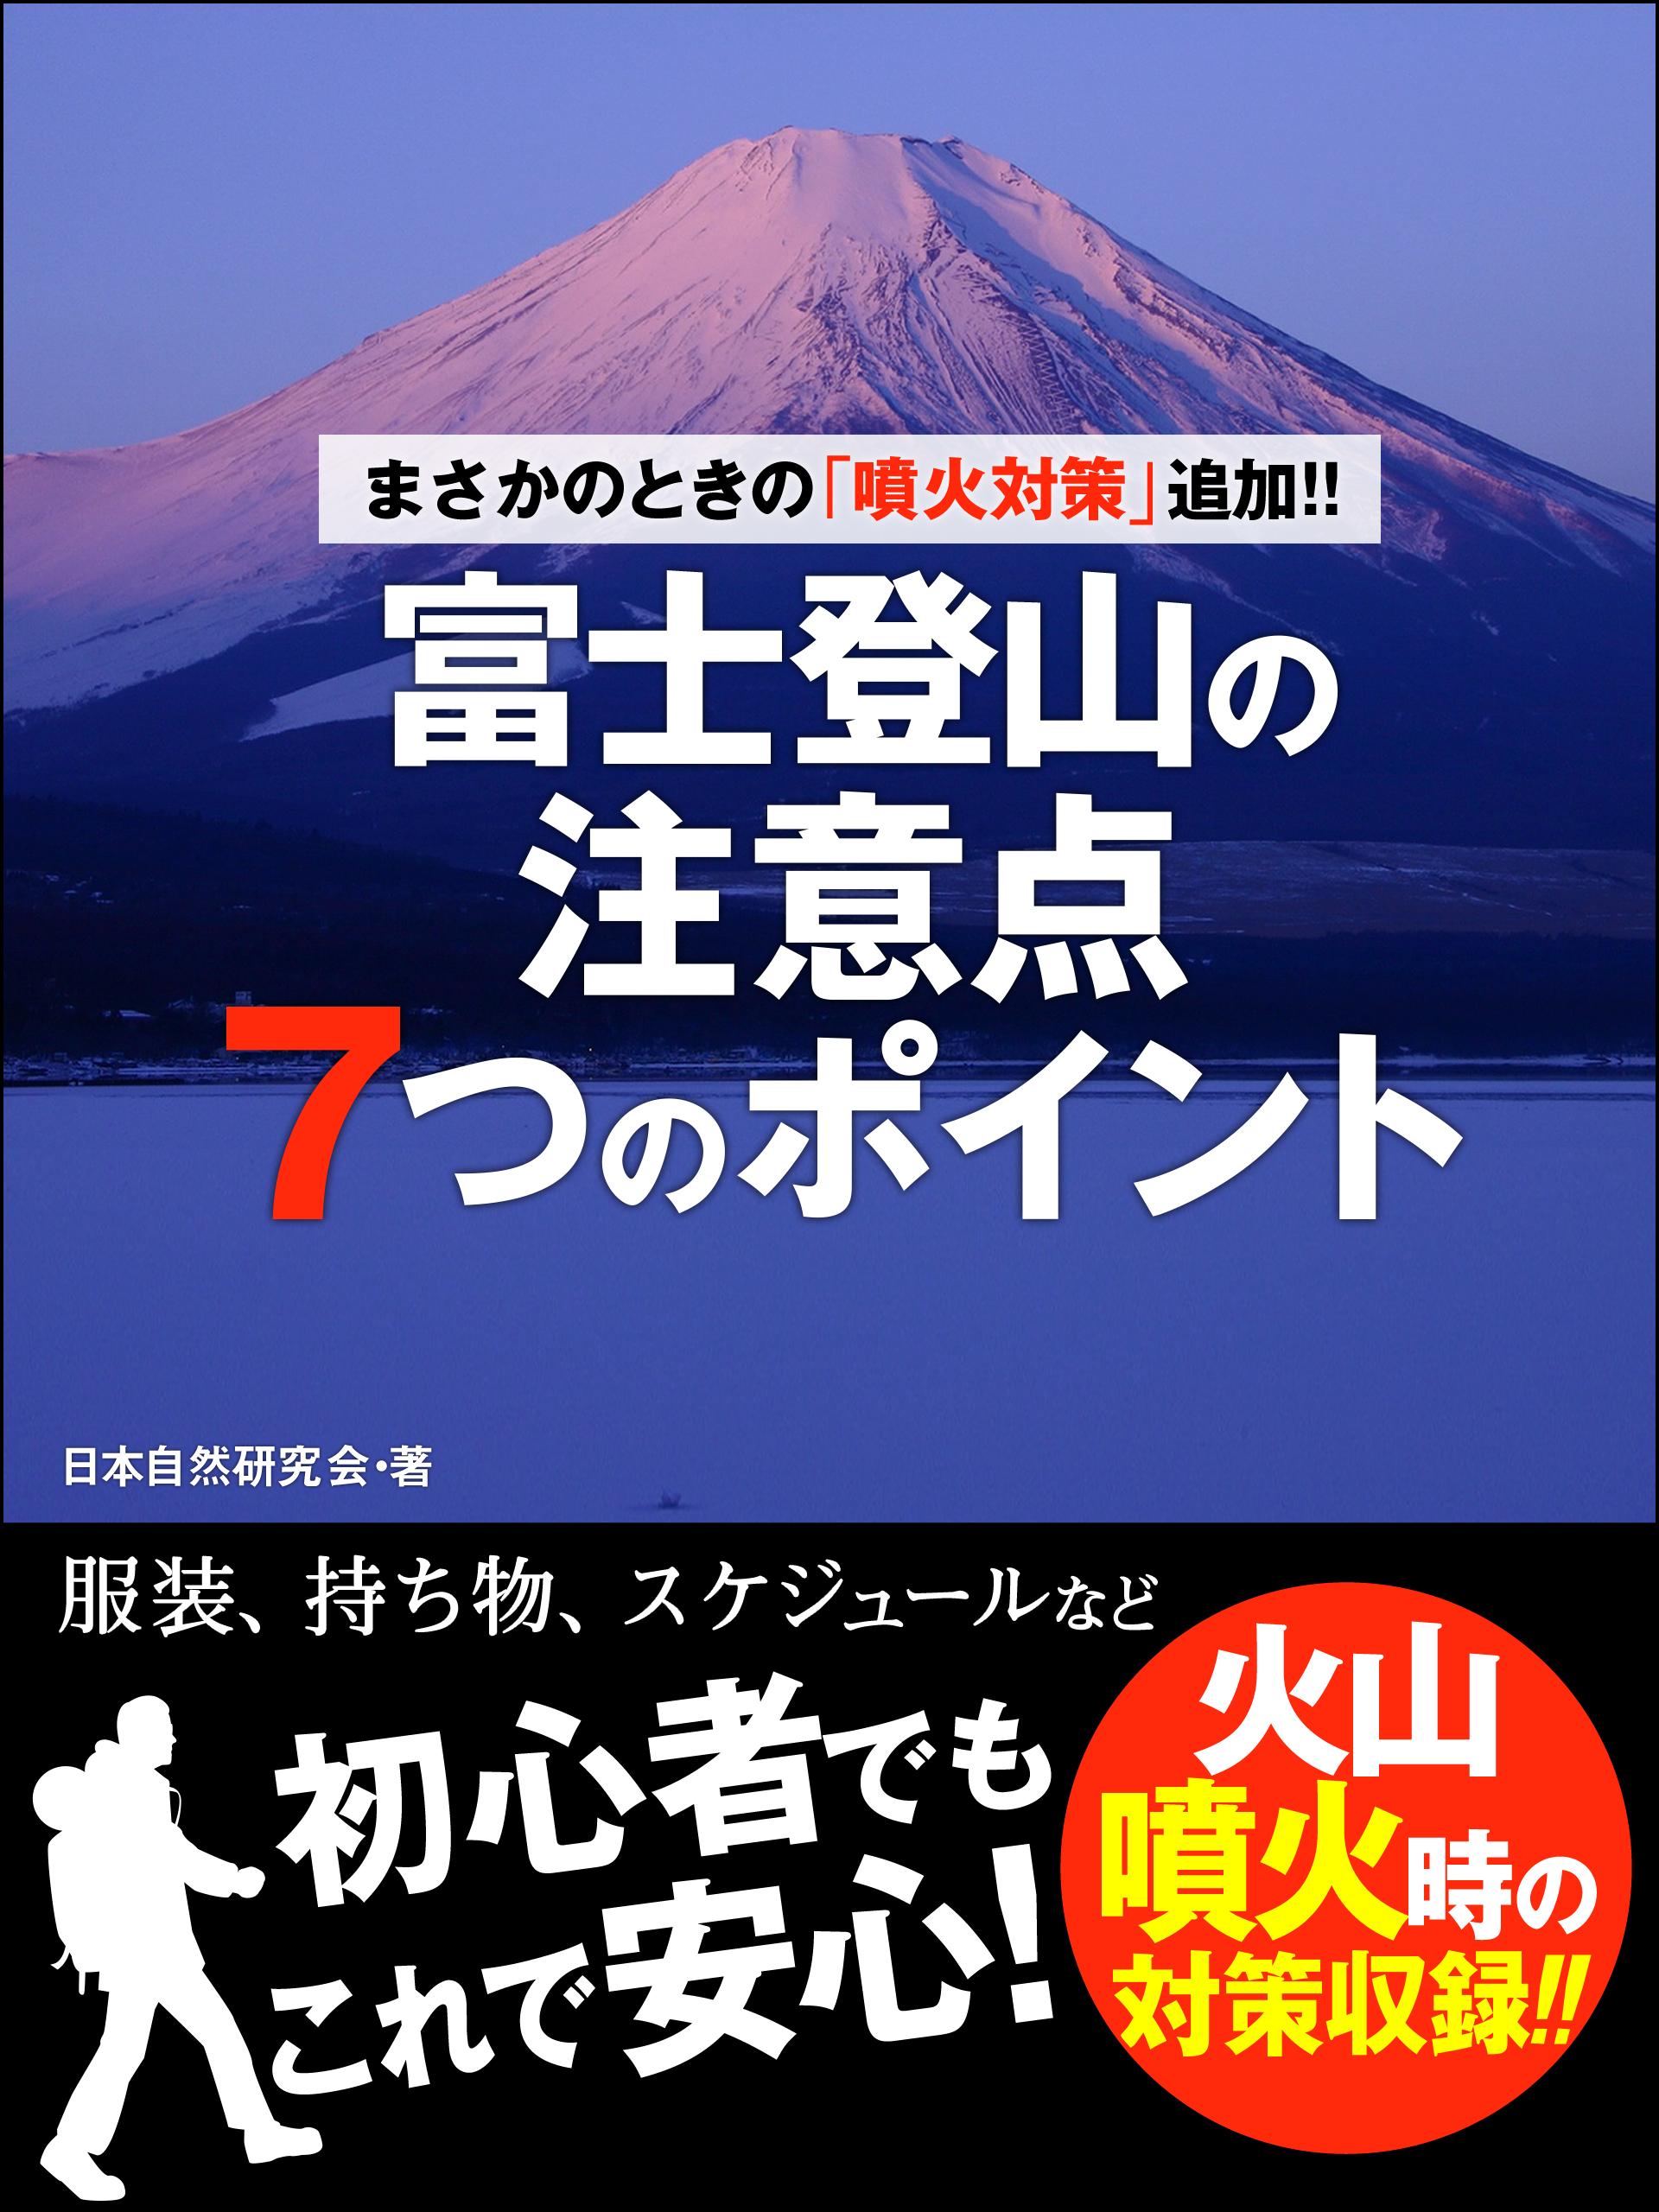 まさかのときの「噴火対策」追加!! 富士登山の注意点7つのポイント